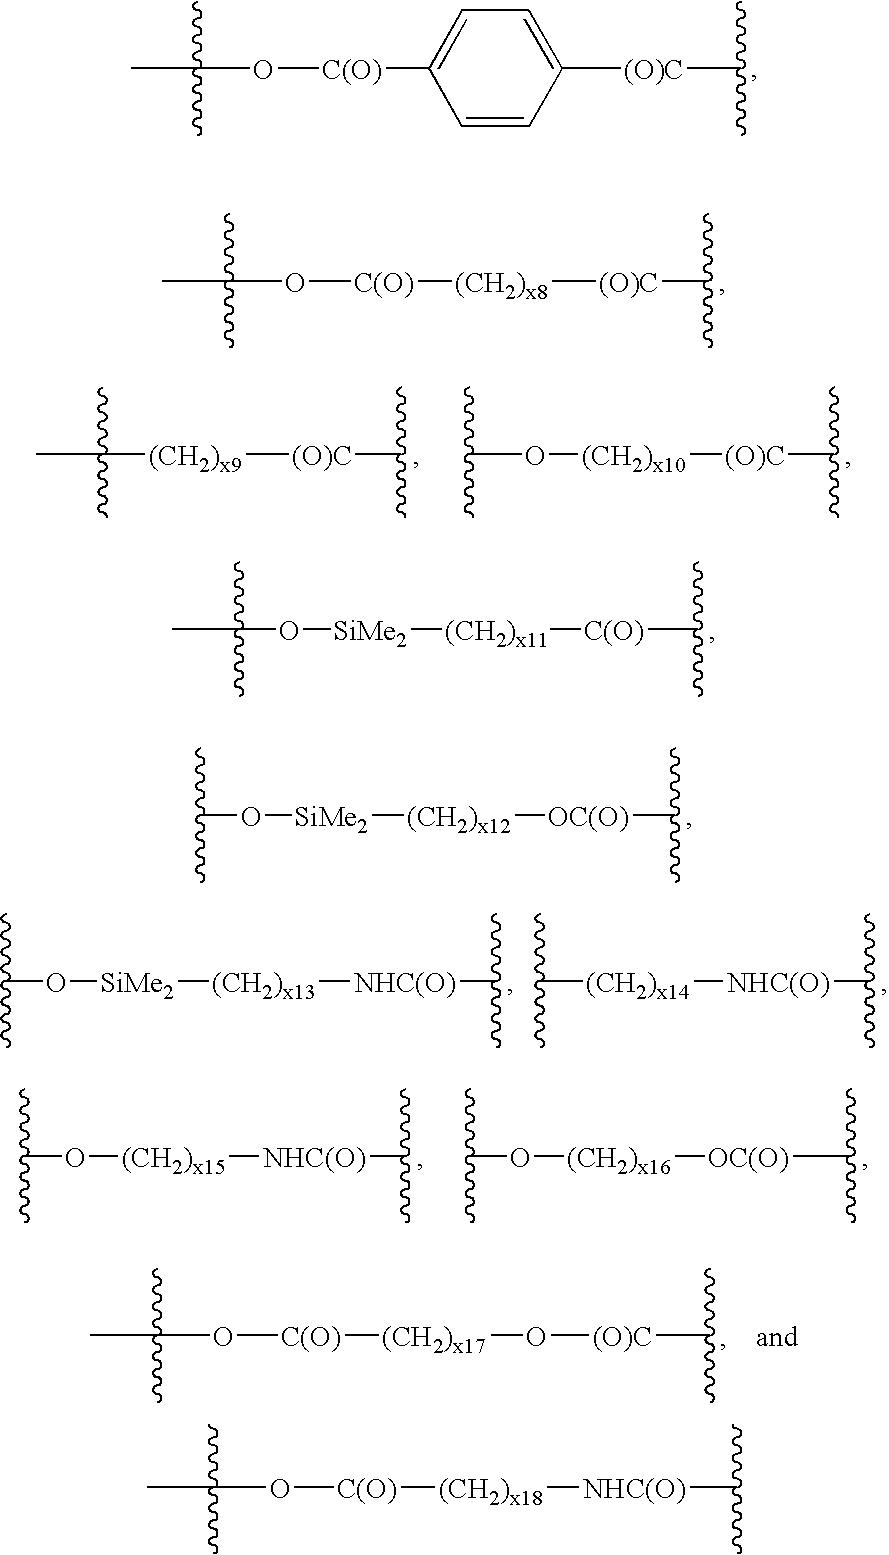 Figure US20080234248A1-20080925-C00038